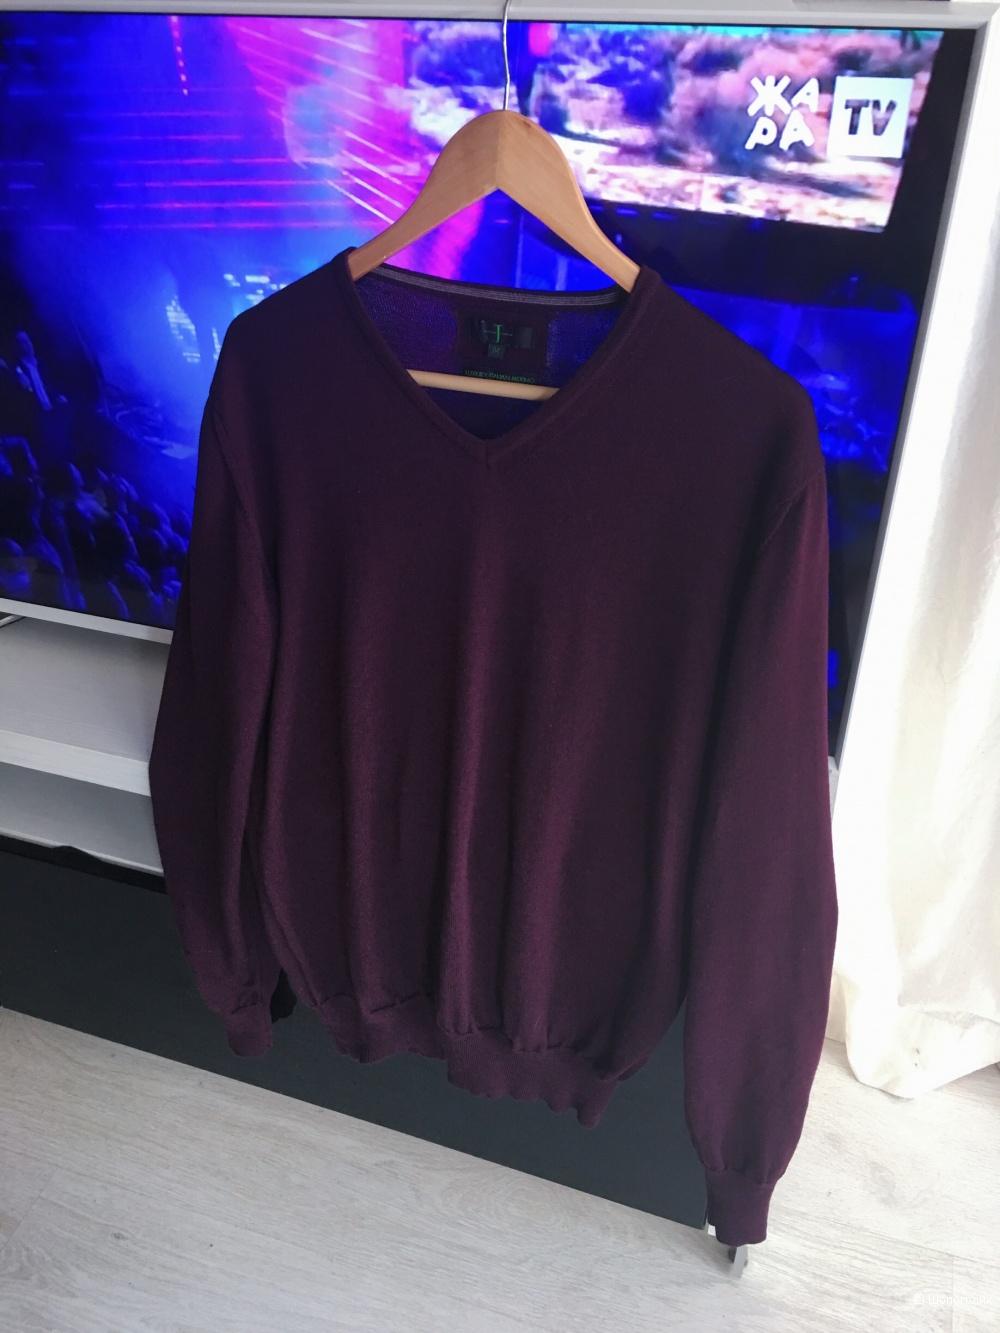 Пуловер Jasper Conran. Размер М.